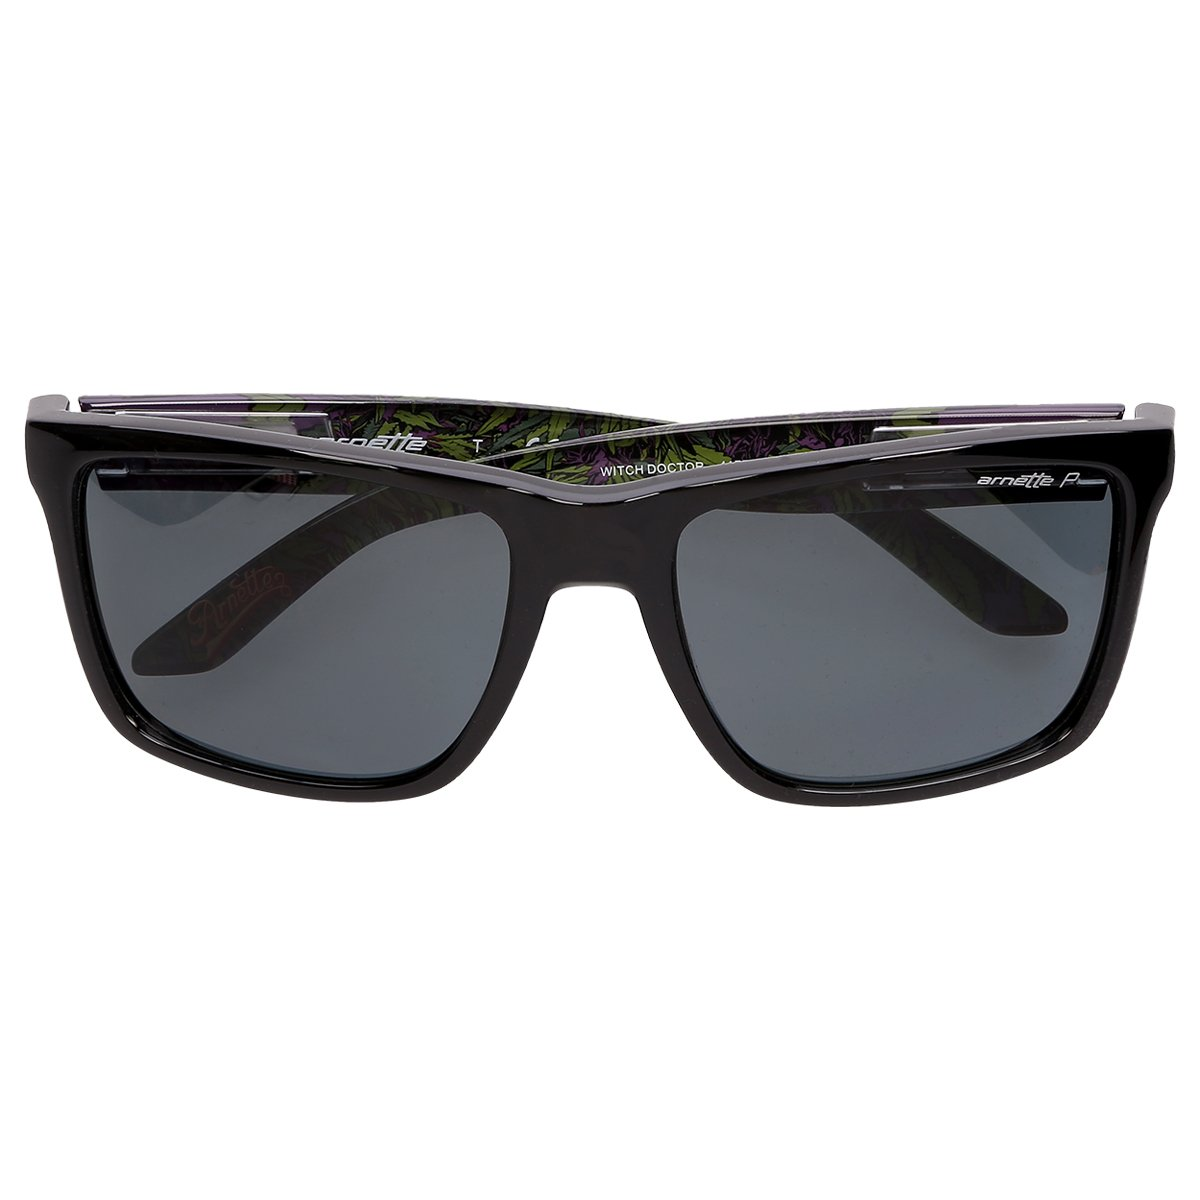 Óculos de Sol Arnette Witch Doctor - Compre Agora   Netshoes 4483680edd